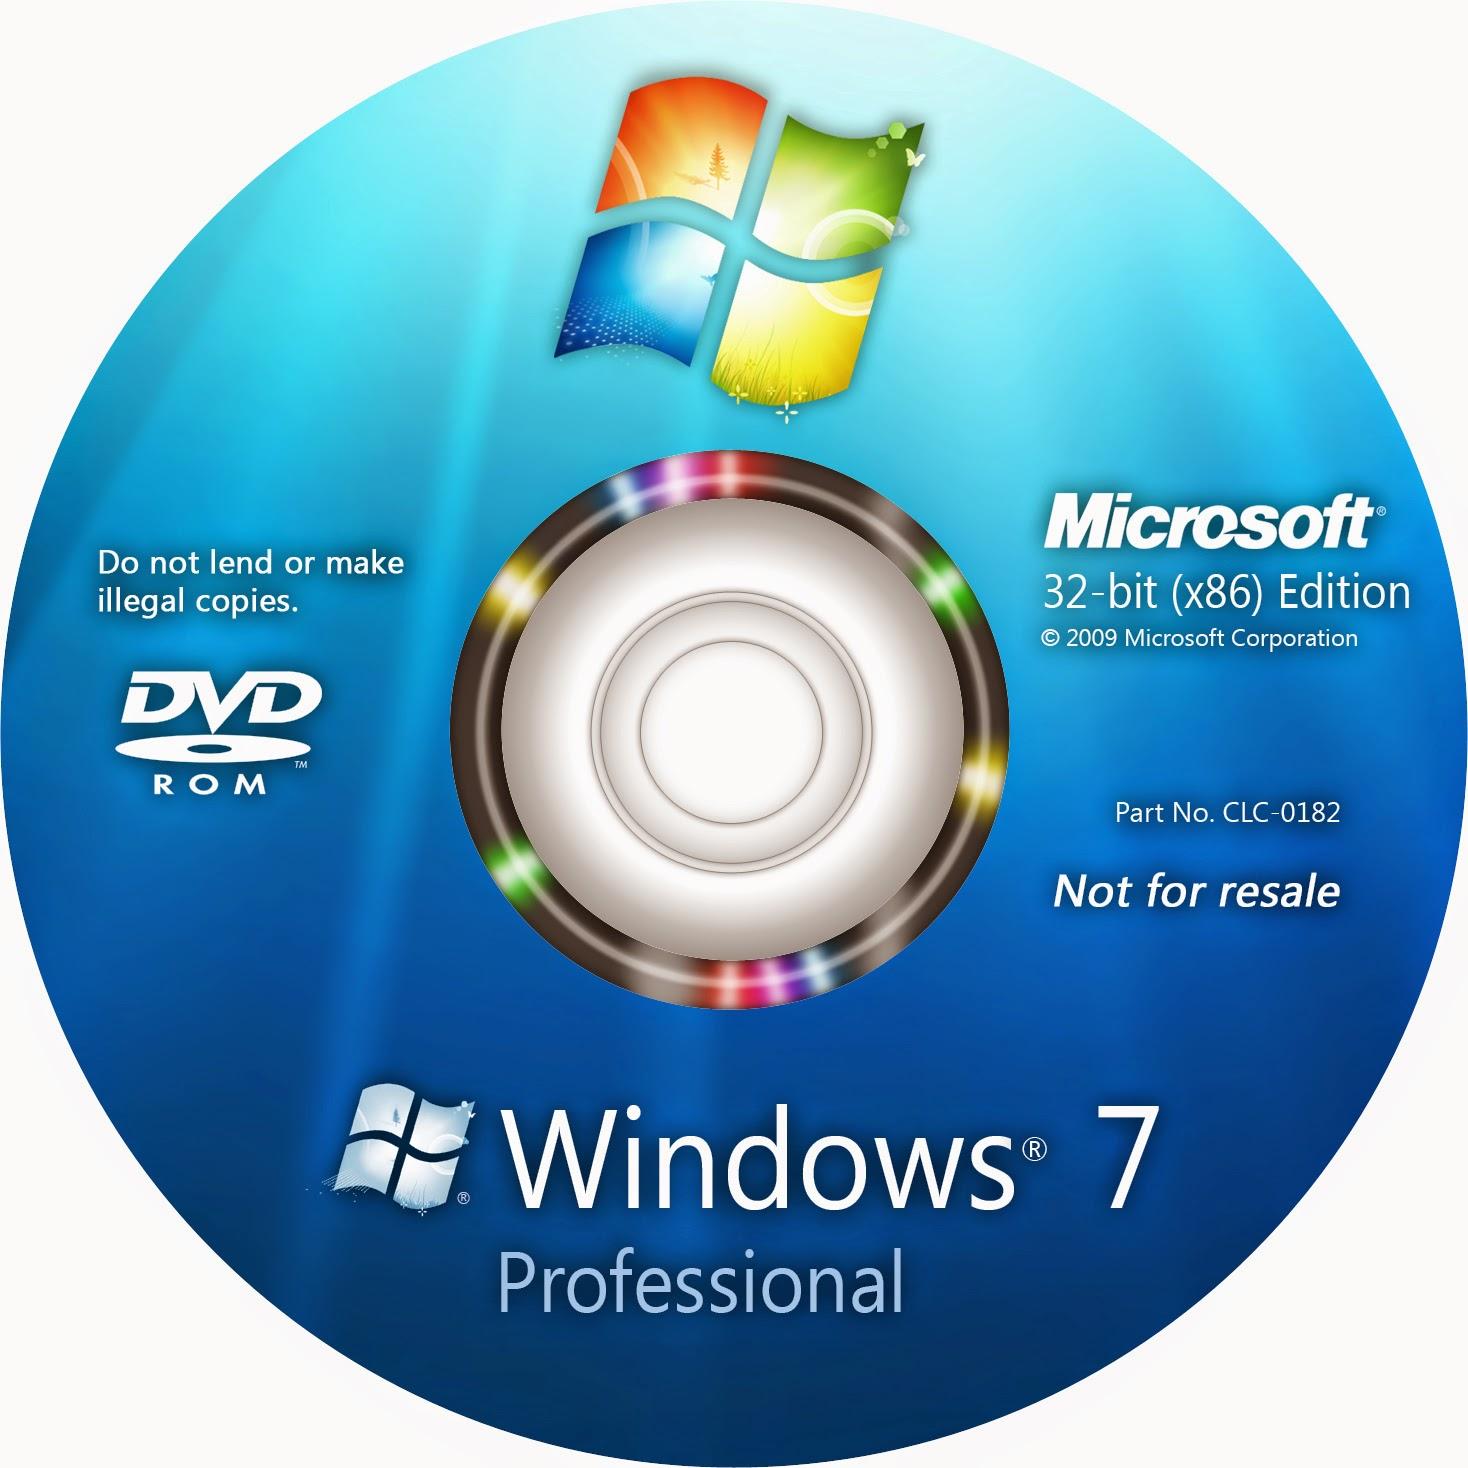 windows installer download windows 7 32 bit